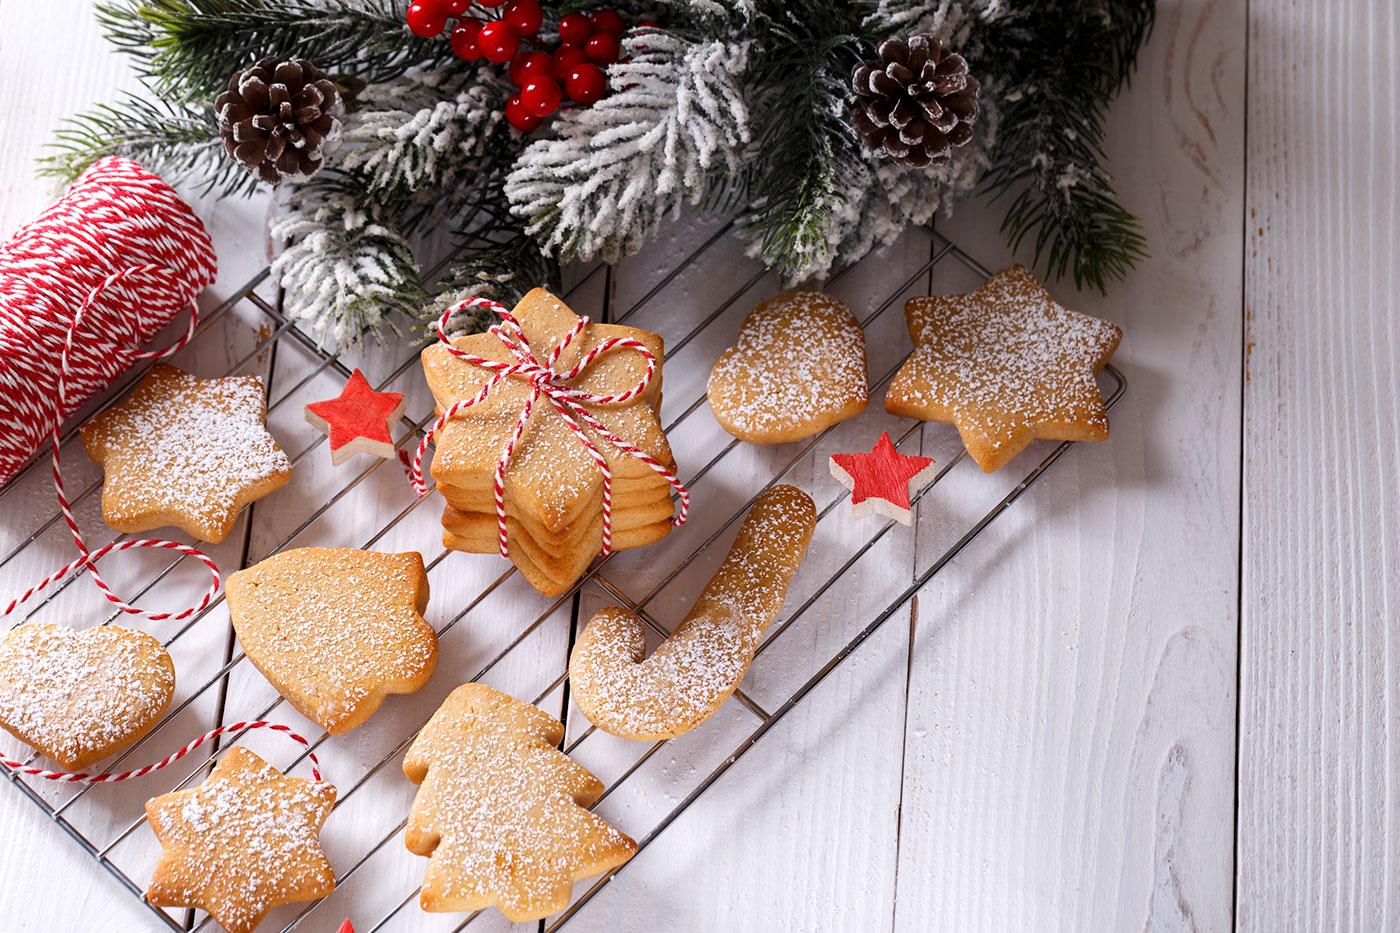 Preparing for Christmas Bakes